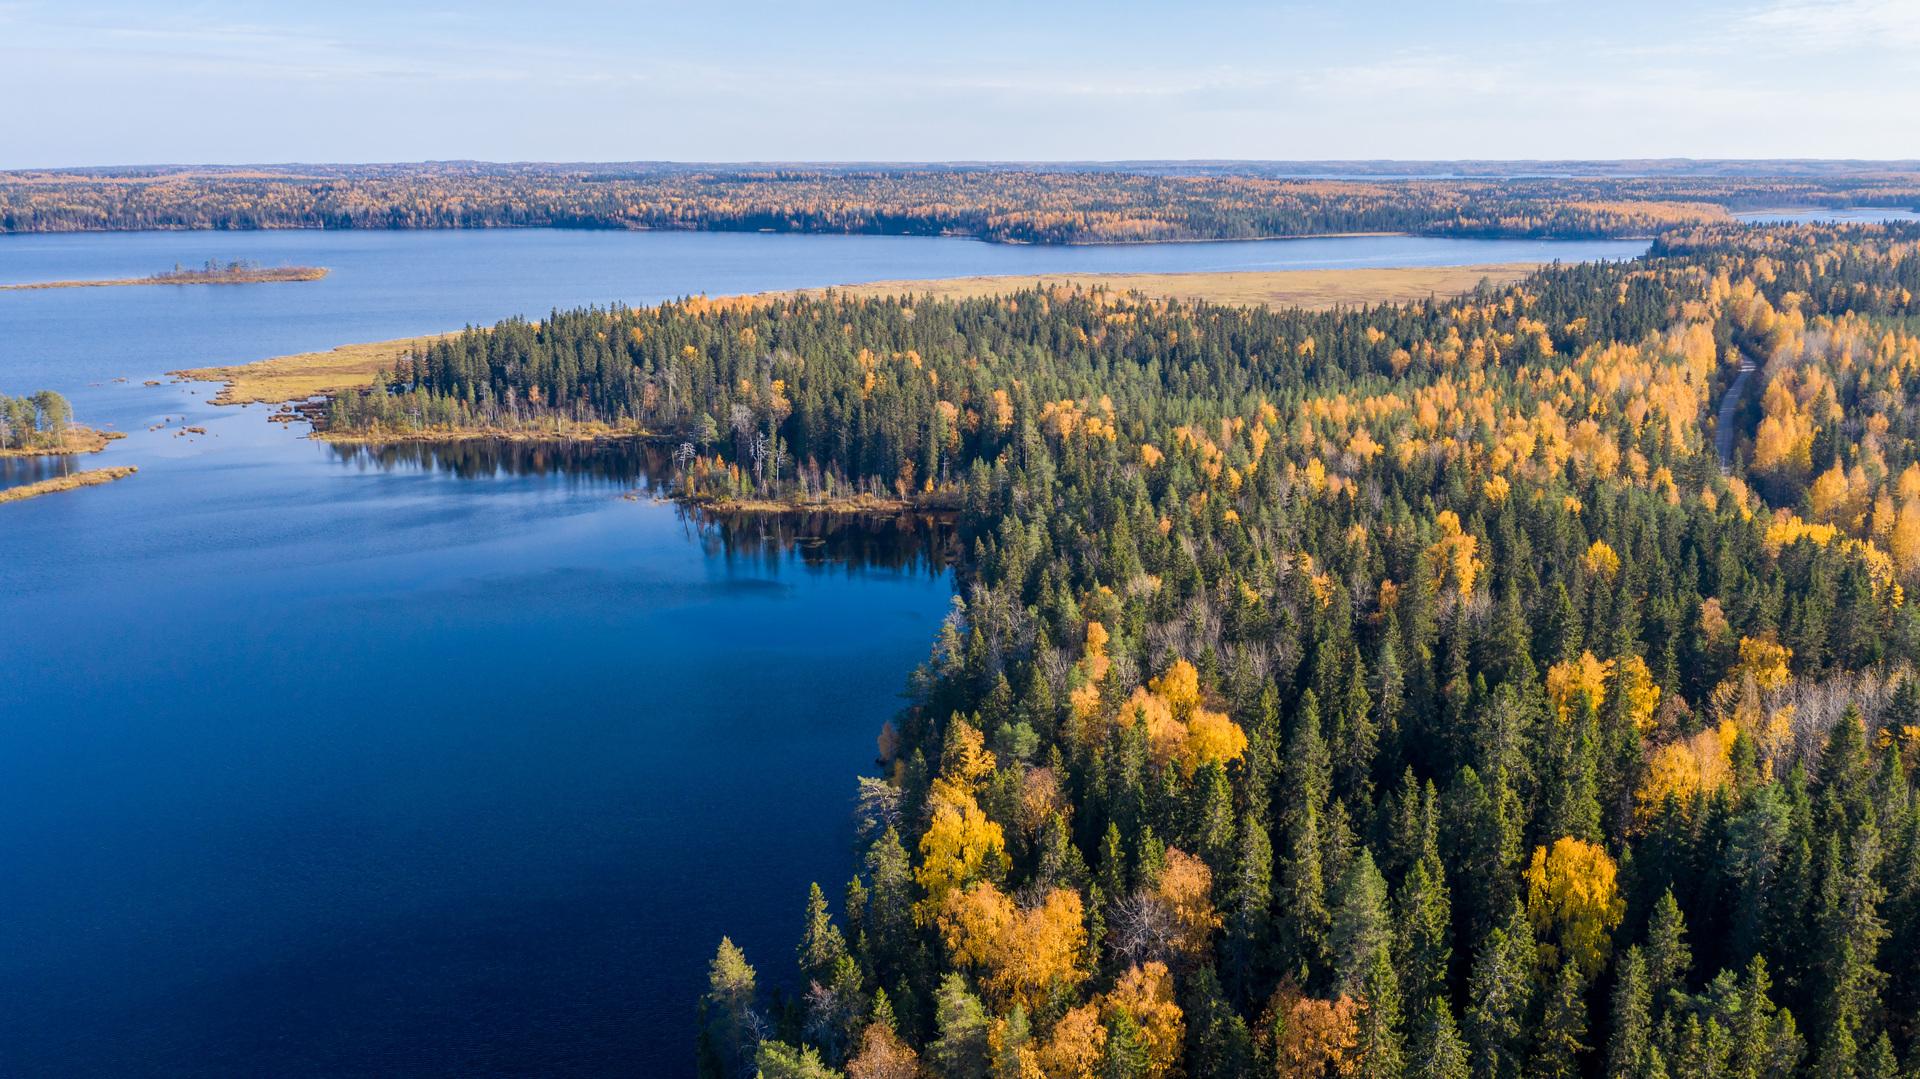 غابة وبحيرة شمال غربي روسيا